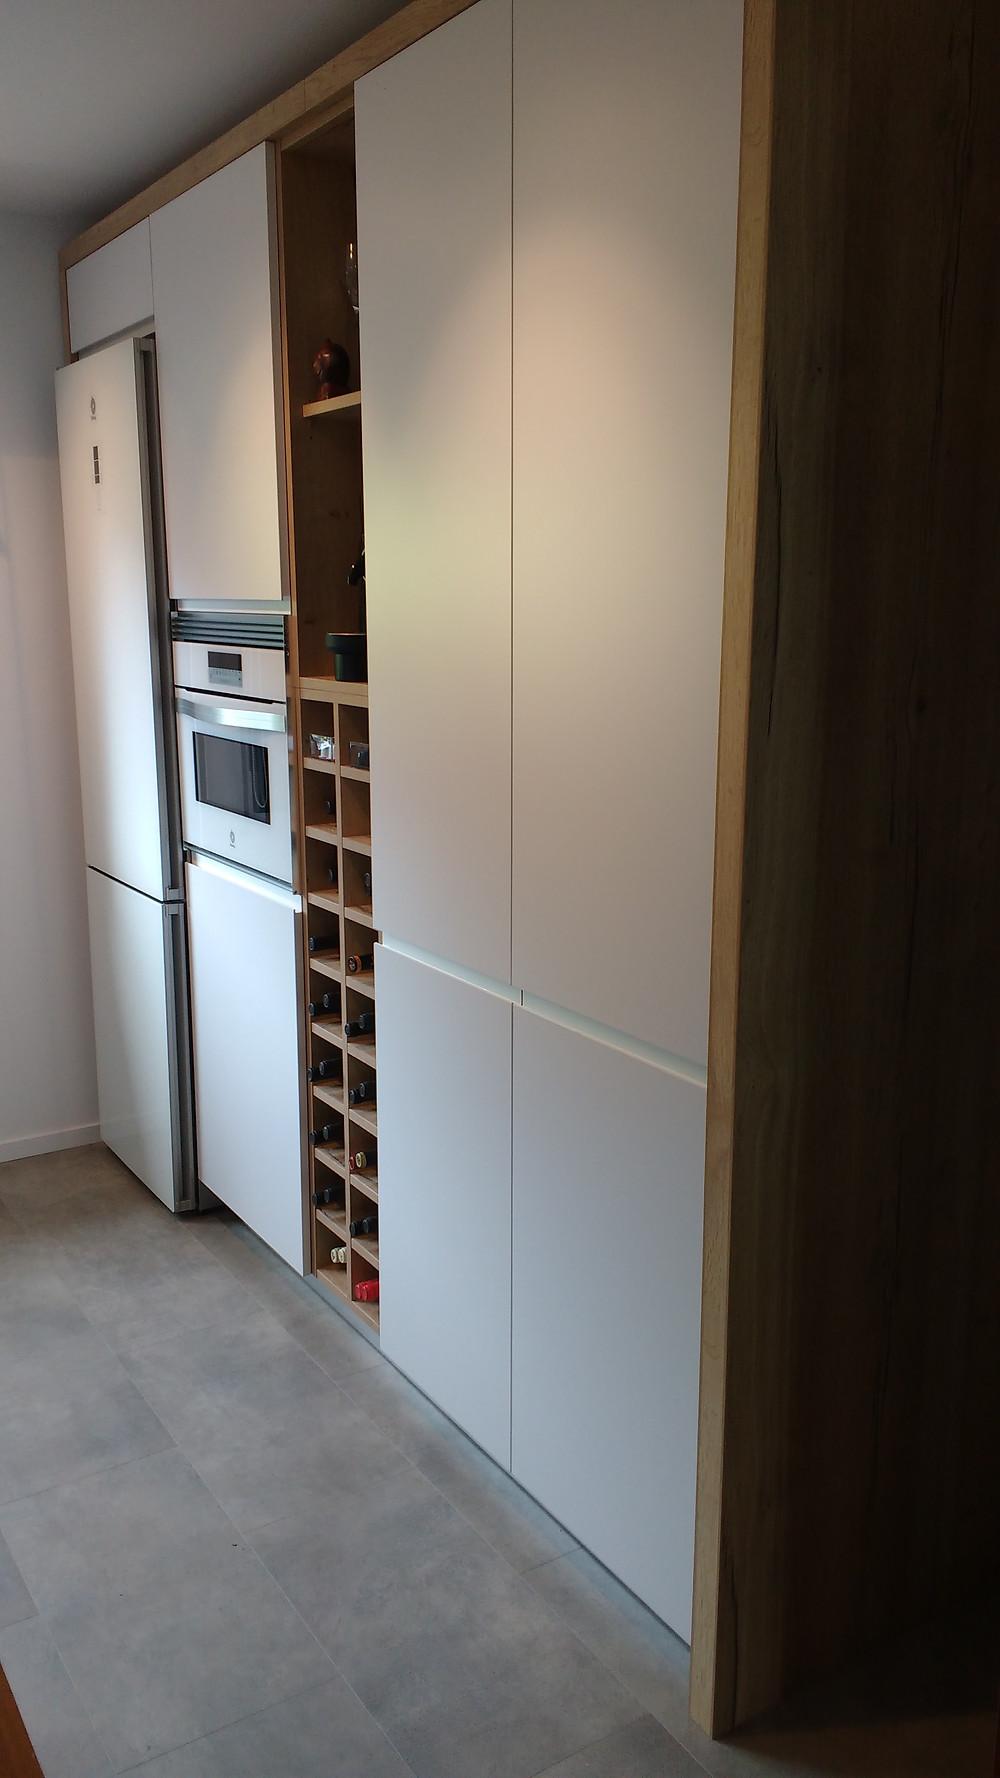 Zona columna, con electrodomésticos en color blanco y una zona botellero